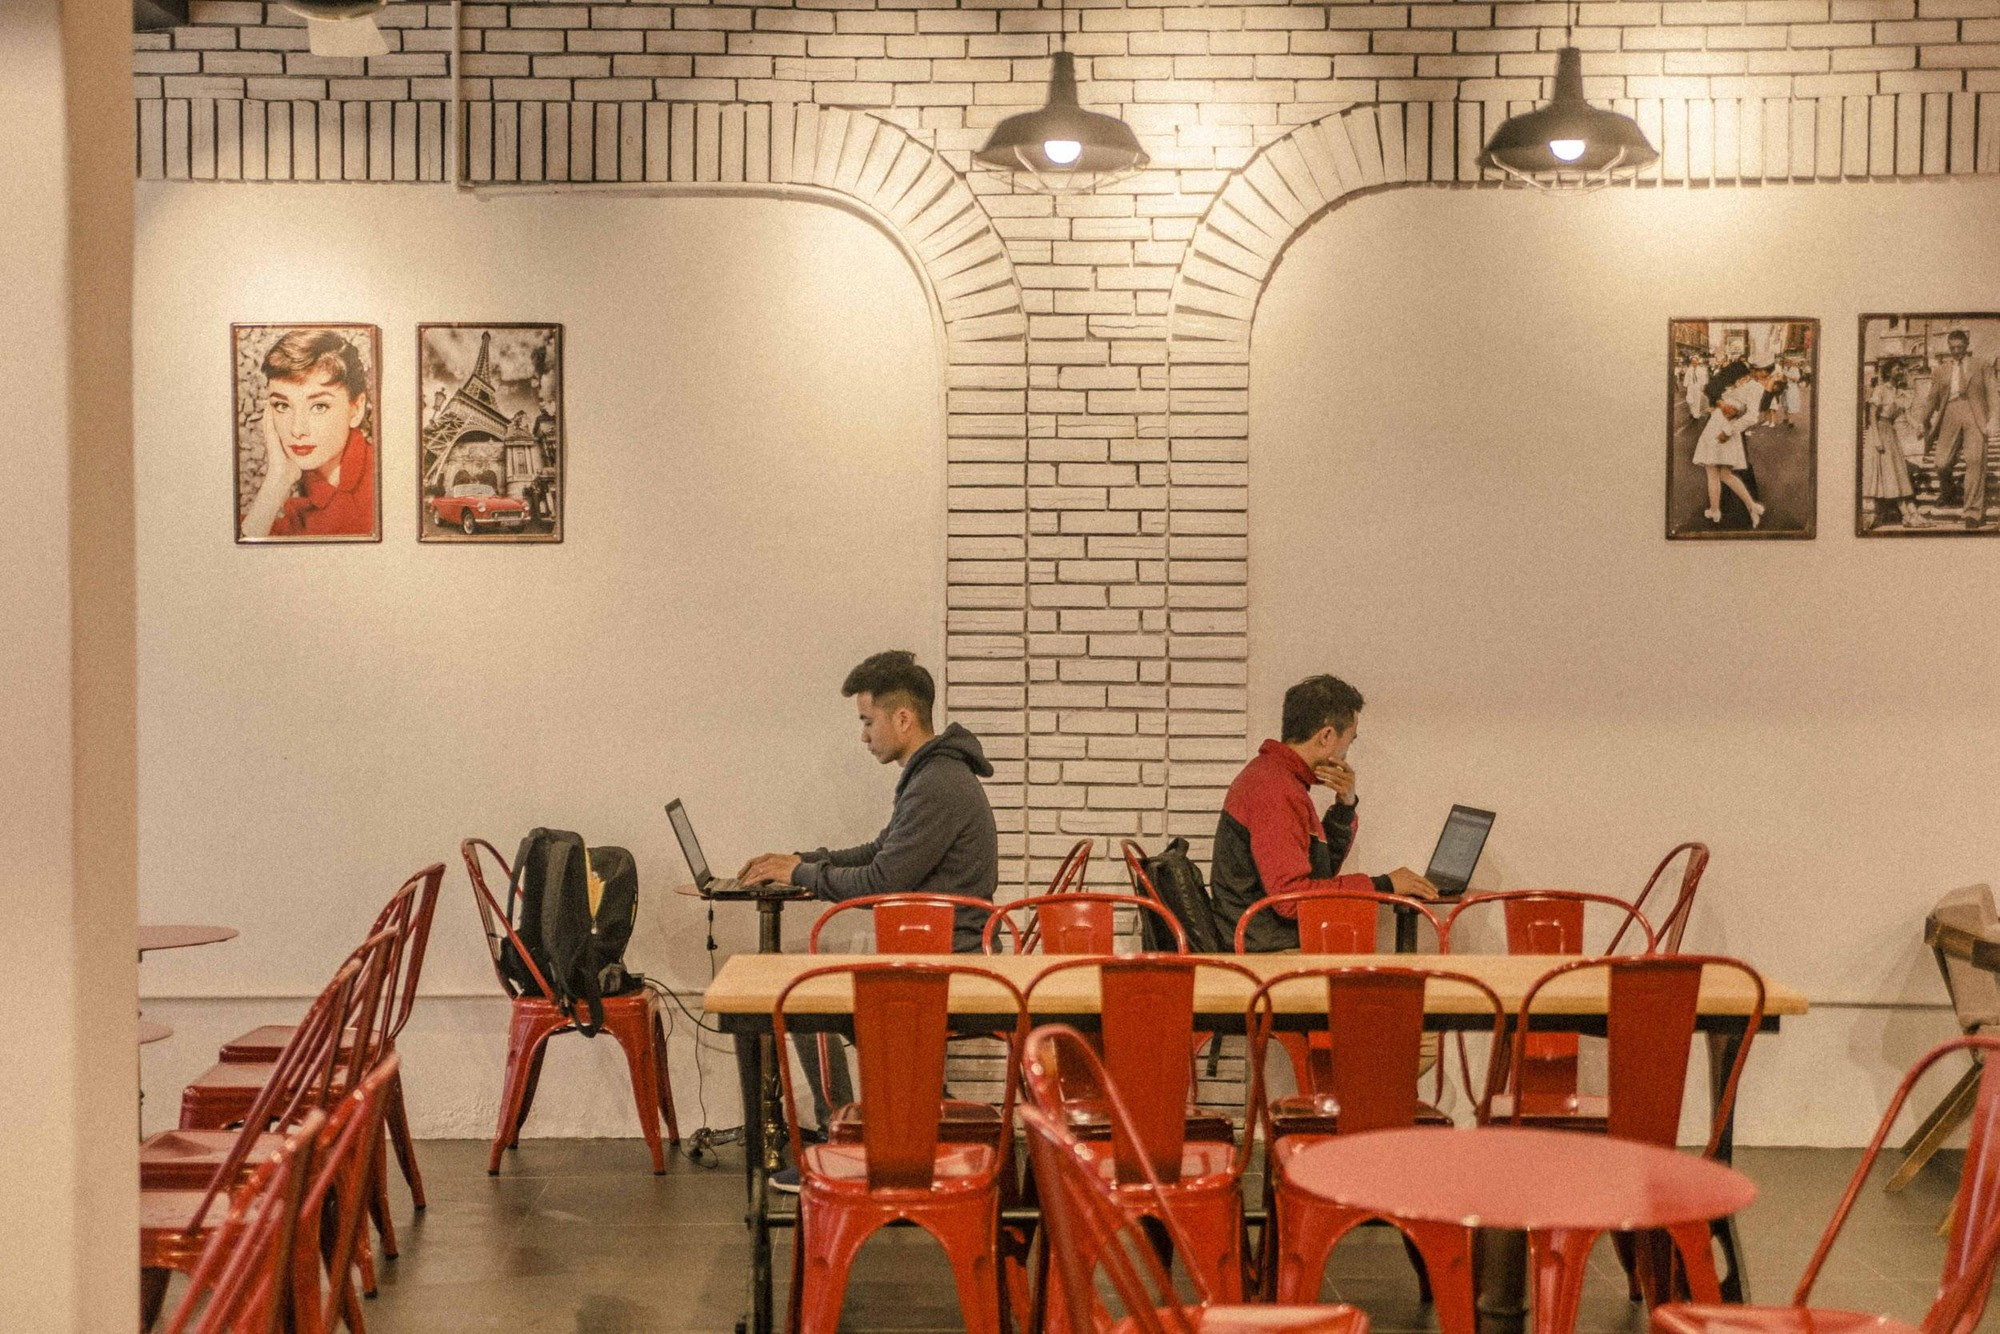 Quán cà phê đỏ rực như Paris tại Hà Nội mà bạn nhất định phải check-in dịp Tết này - Ảnh 4.